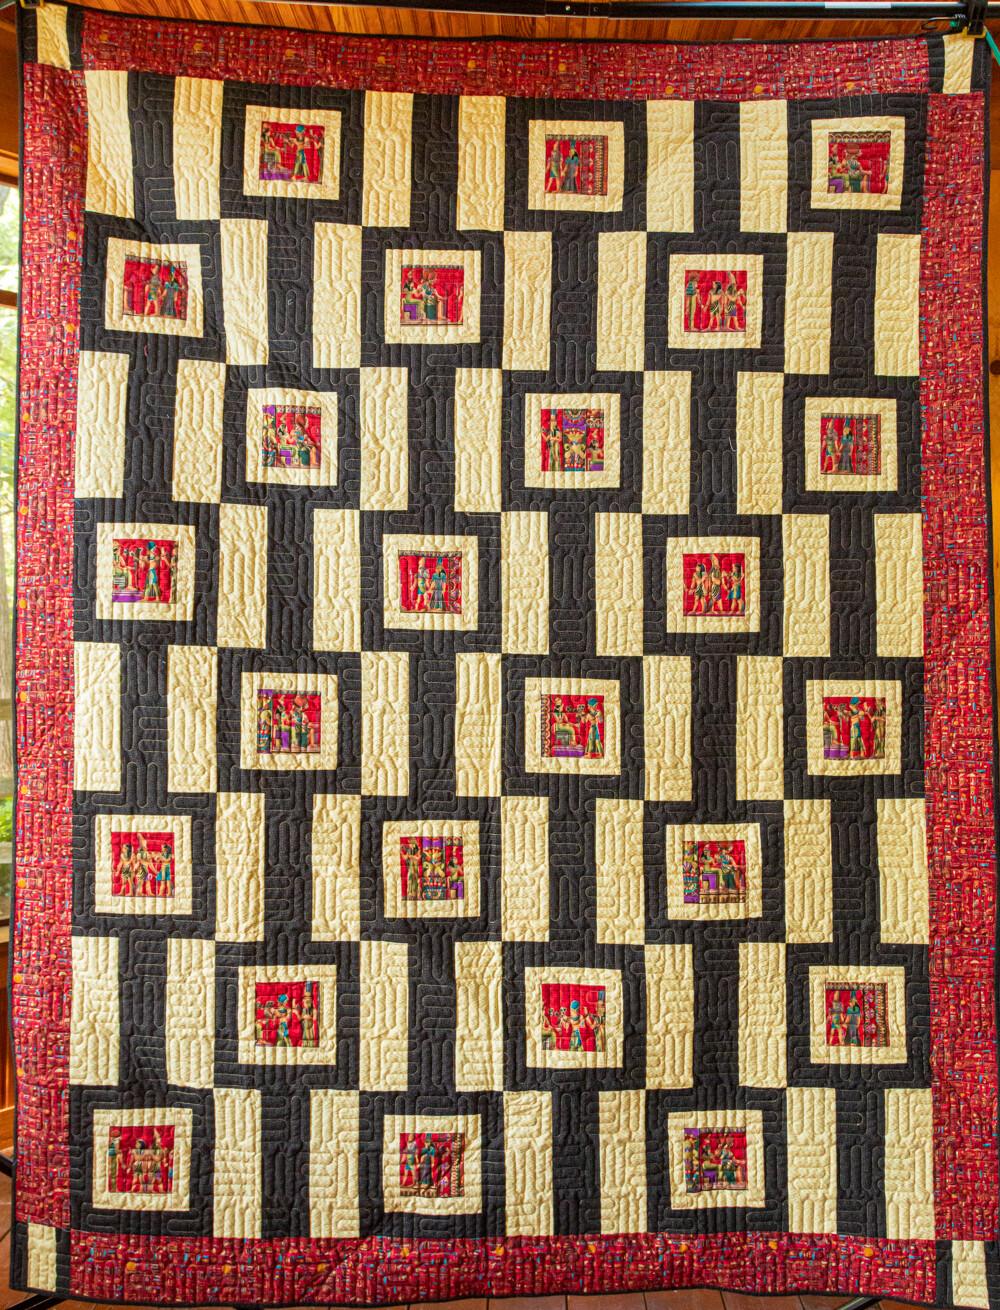 Quilt #26 - Walk Like an Egyptian